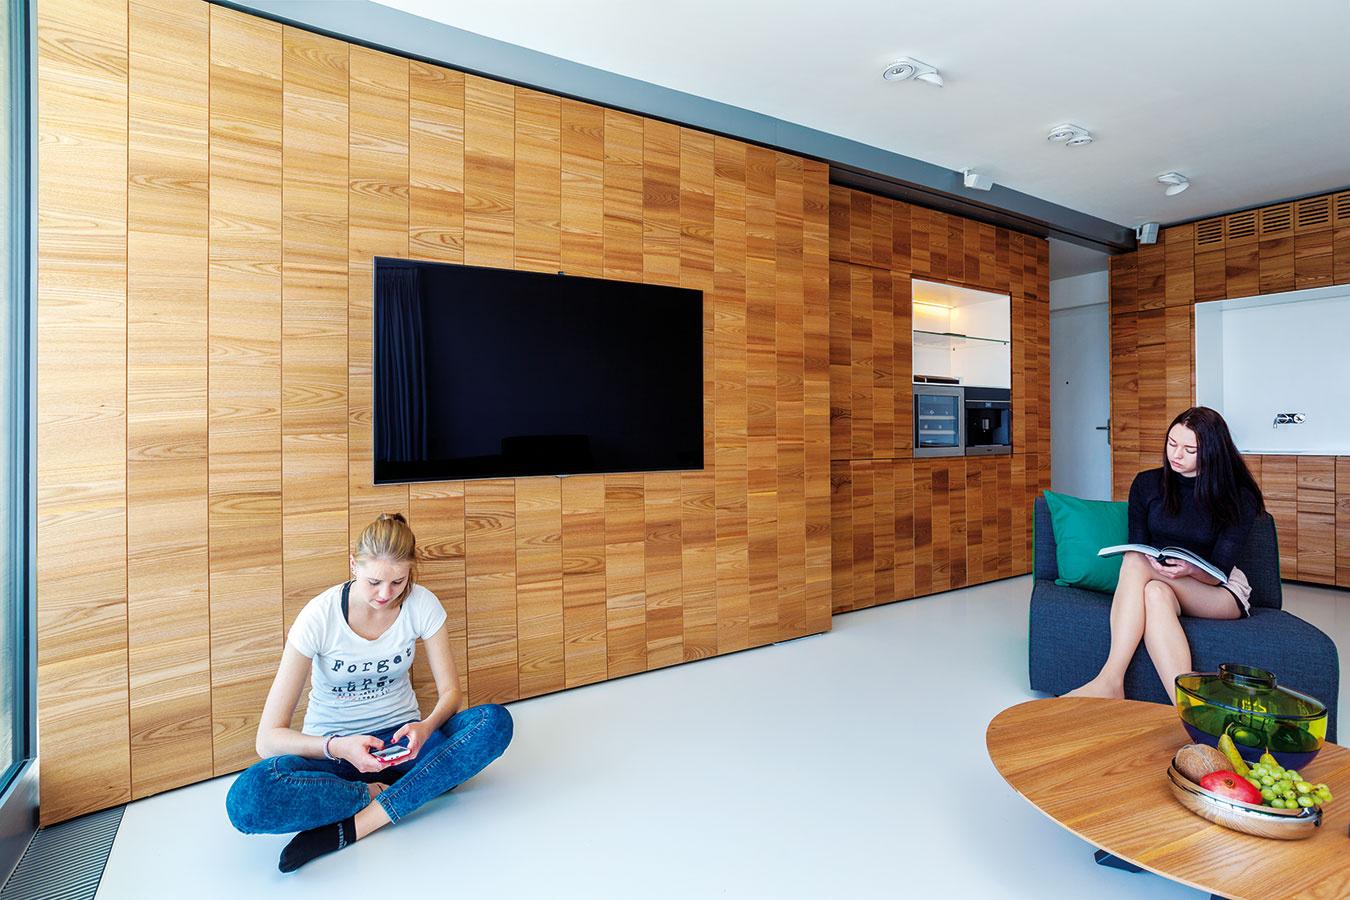 Pohyb steny sa dá ovládať spínačmi aj aplikáciou vtelefóne.